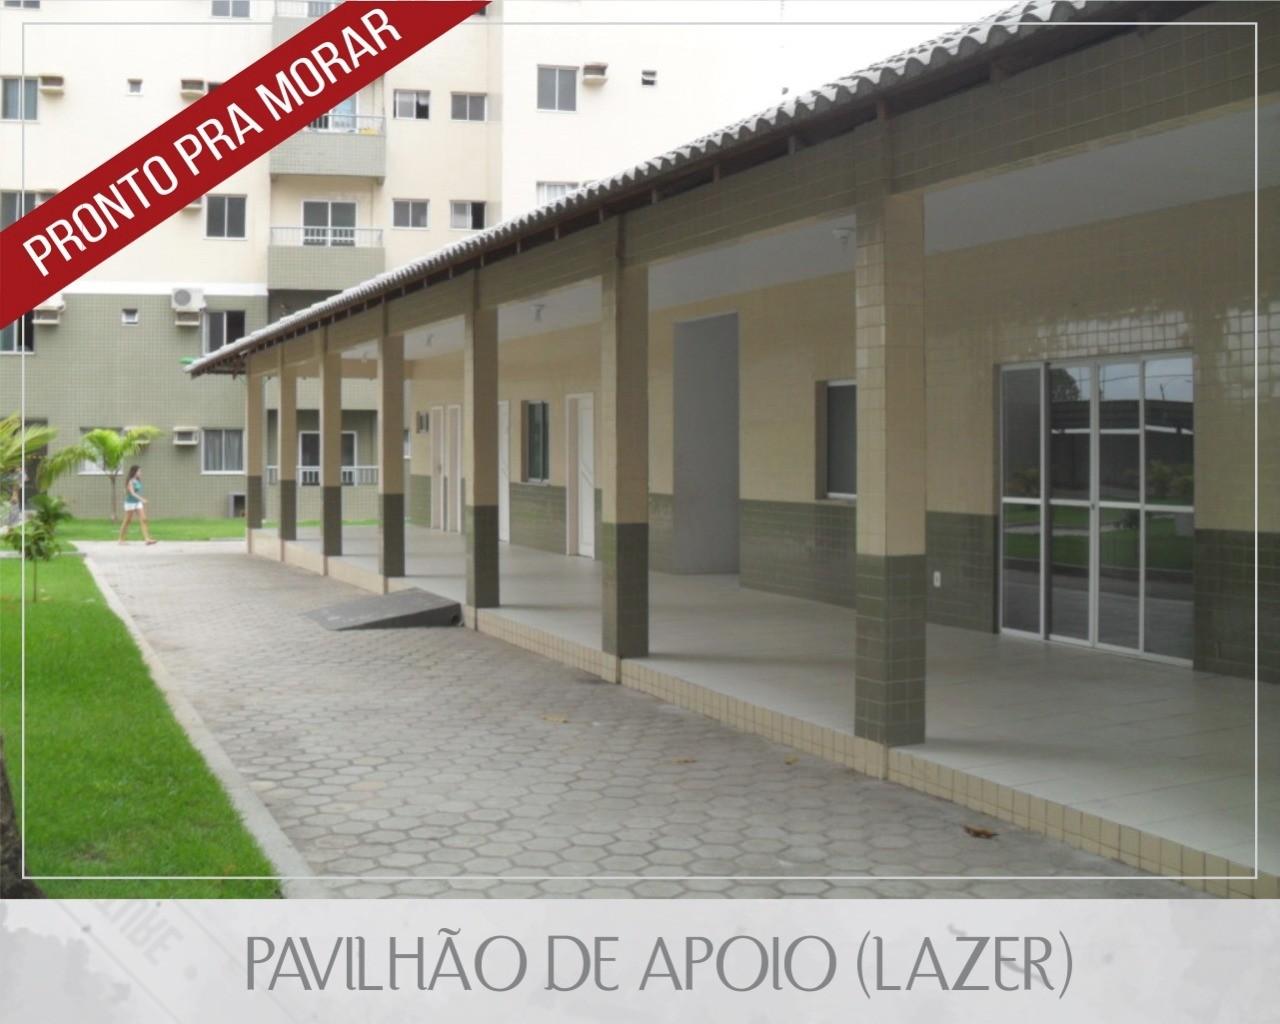 PAVILHÃO DE APOIO